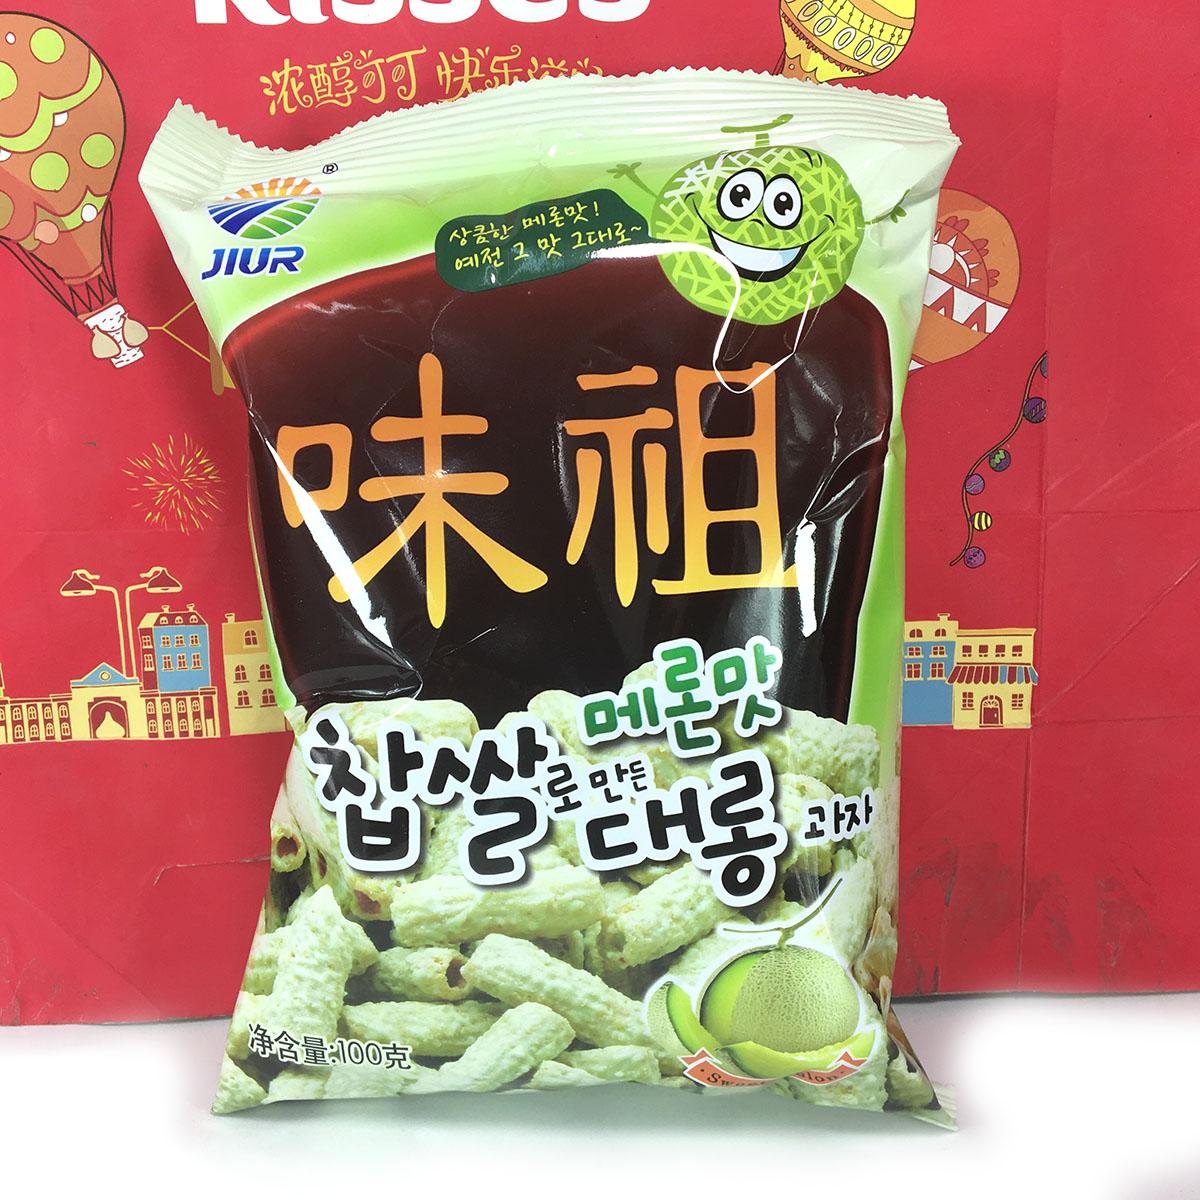 韩国进口九日牌哈密瓜味糯米脆条(膨化食品)100克休闲零食特价